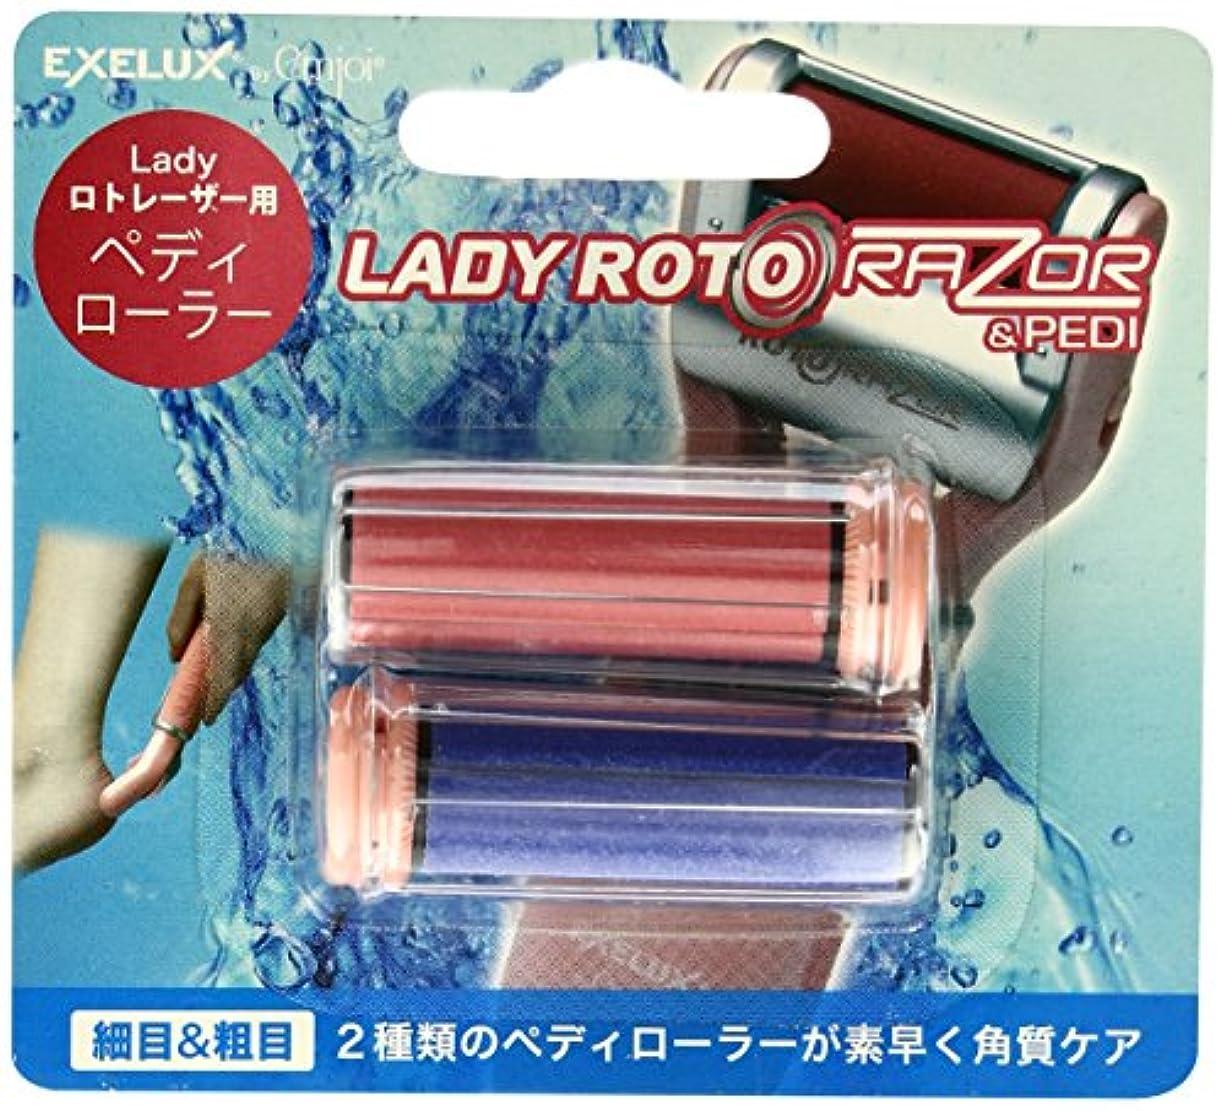 アクティビティ国活力metex Lady ロトレーザー & Pedi用ペディローラー EJRR-LP2